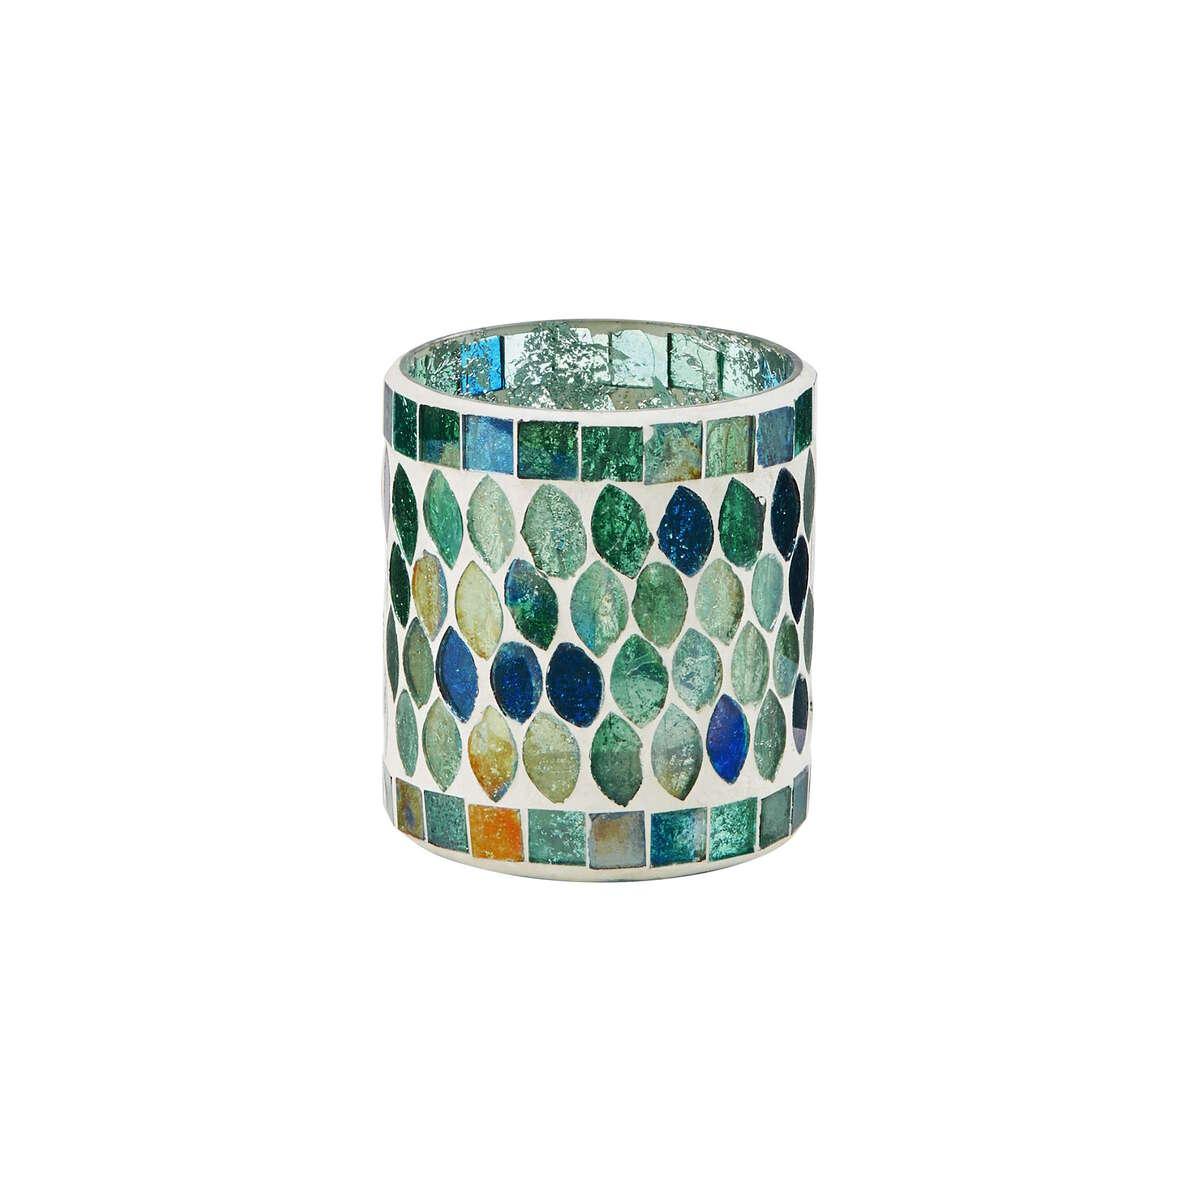 Bild 5 von SASSOLINO Mosaik Windlicht 8 cm